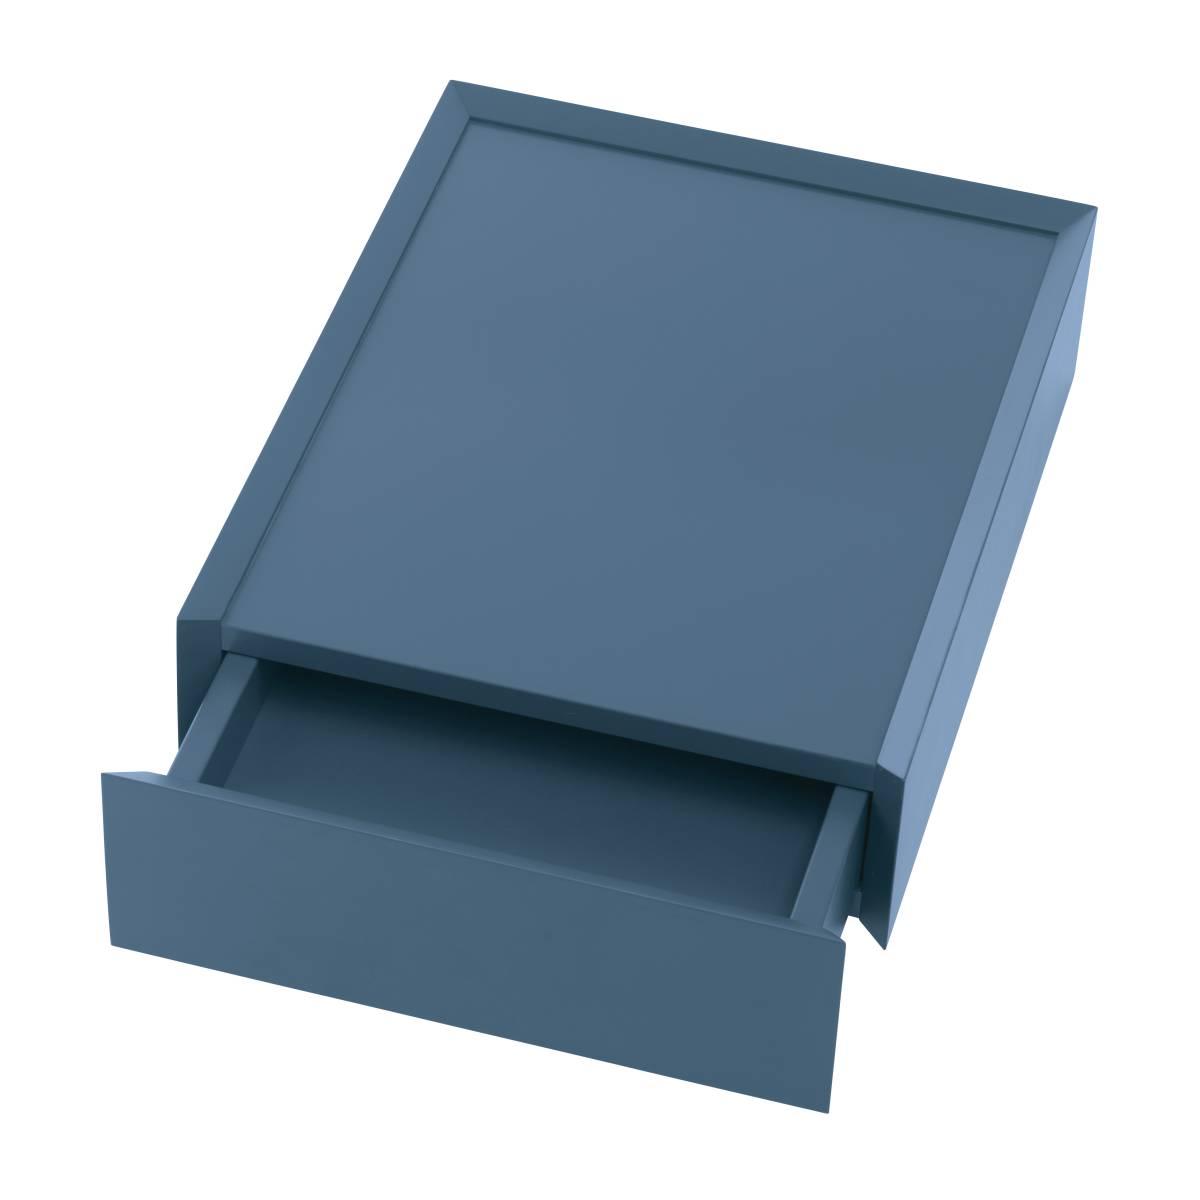 SOUVENIR Schubkastenbox klein stahlblau (68), geöffnet